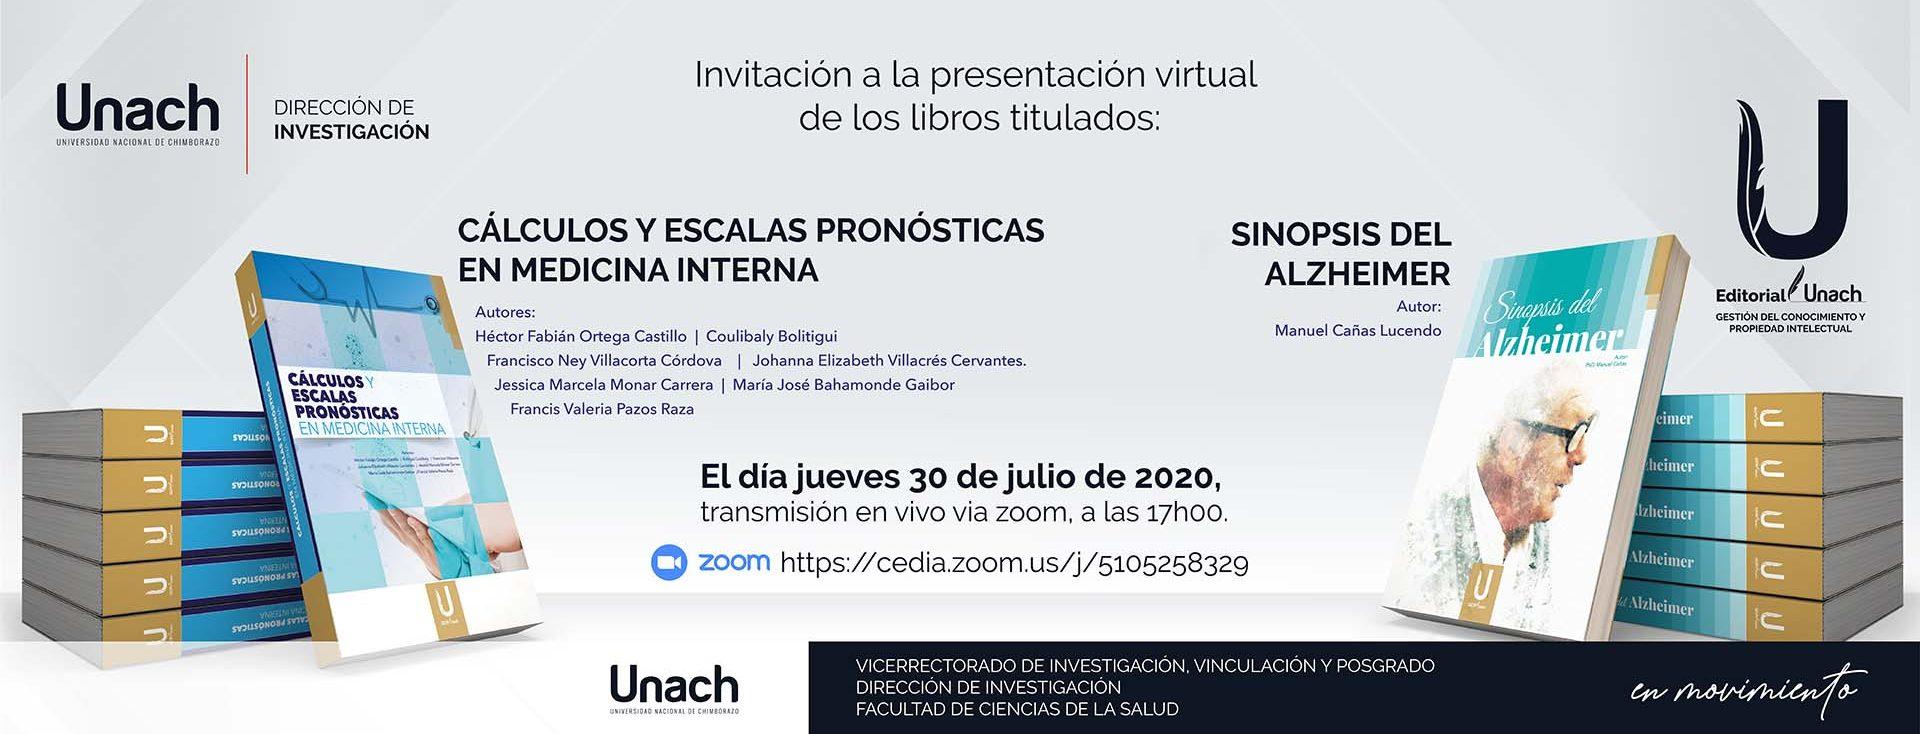 PRESENTACIÓN VIRTUAL DE LIBROS